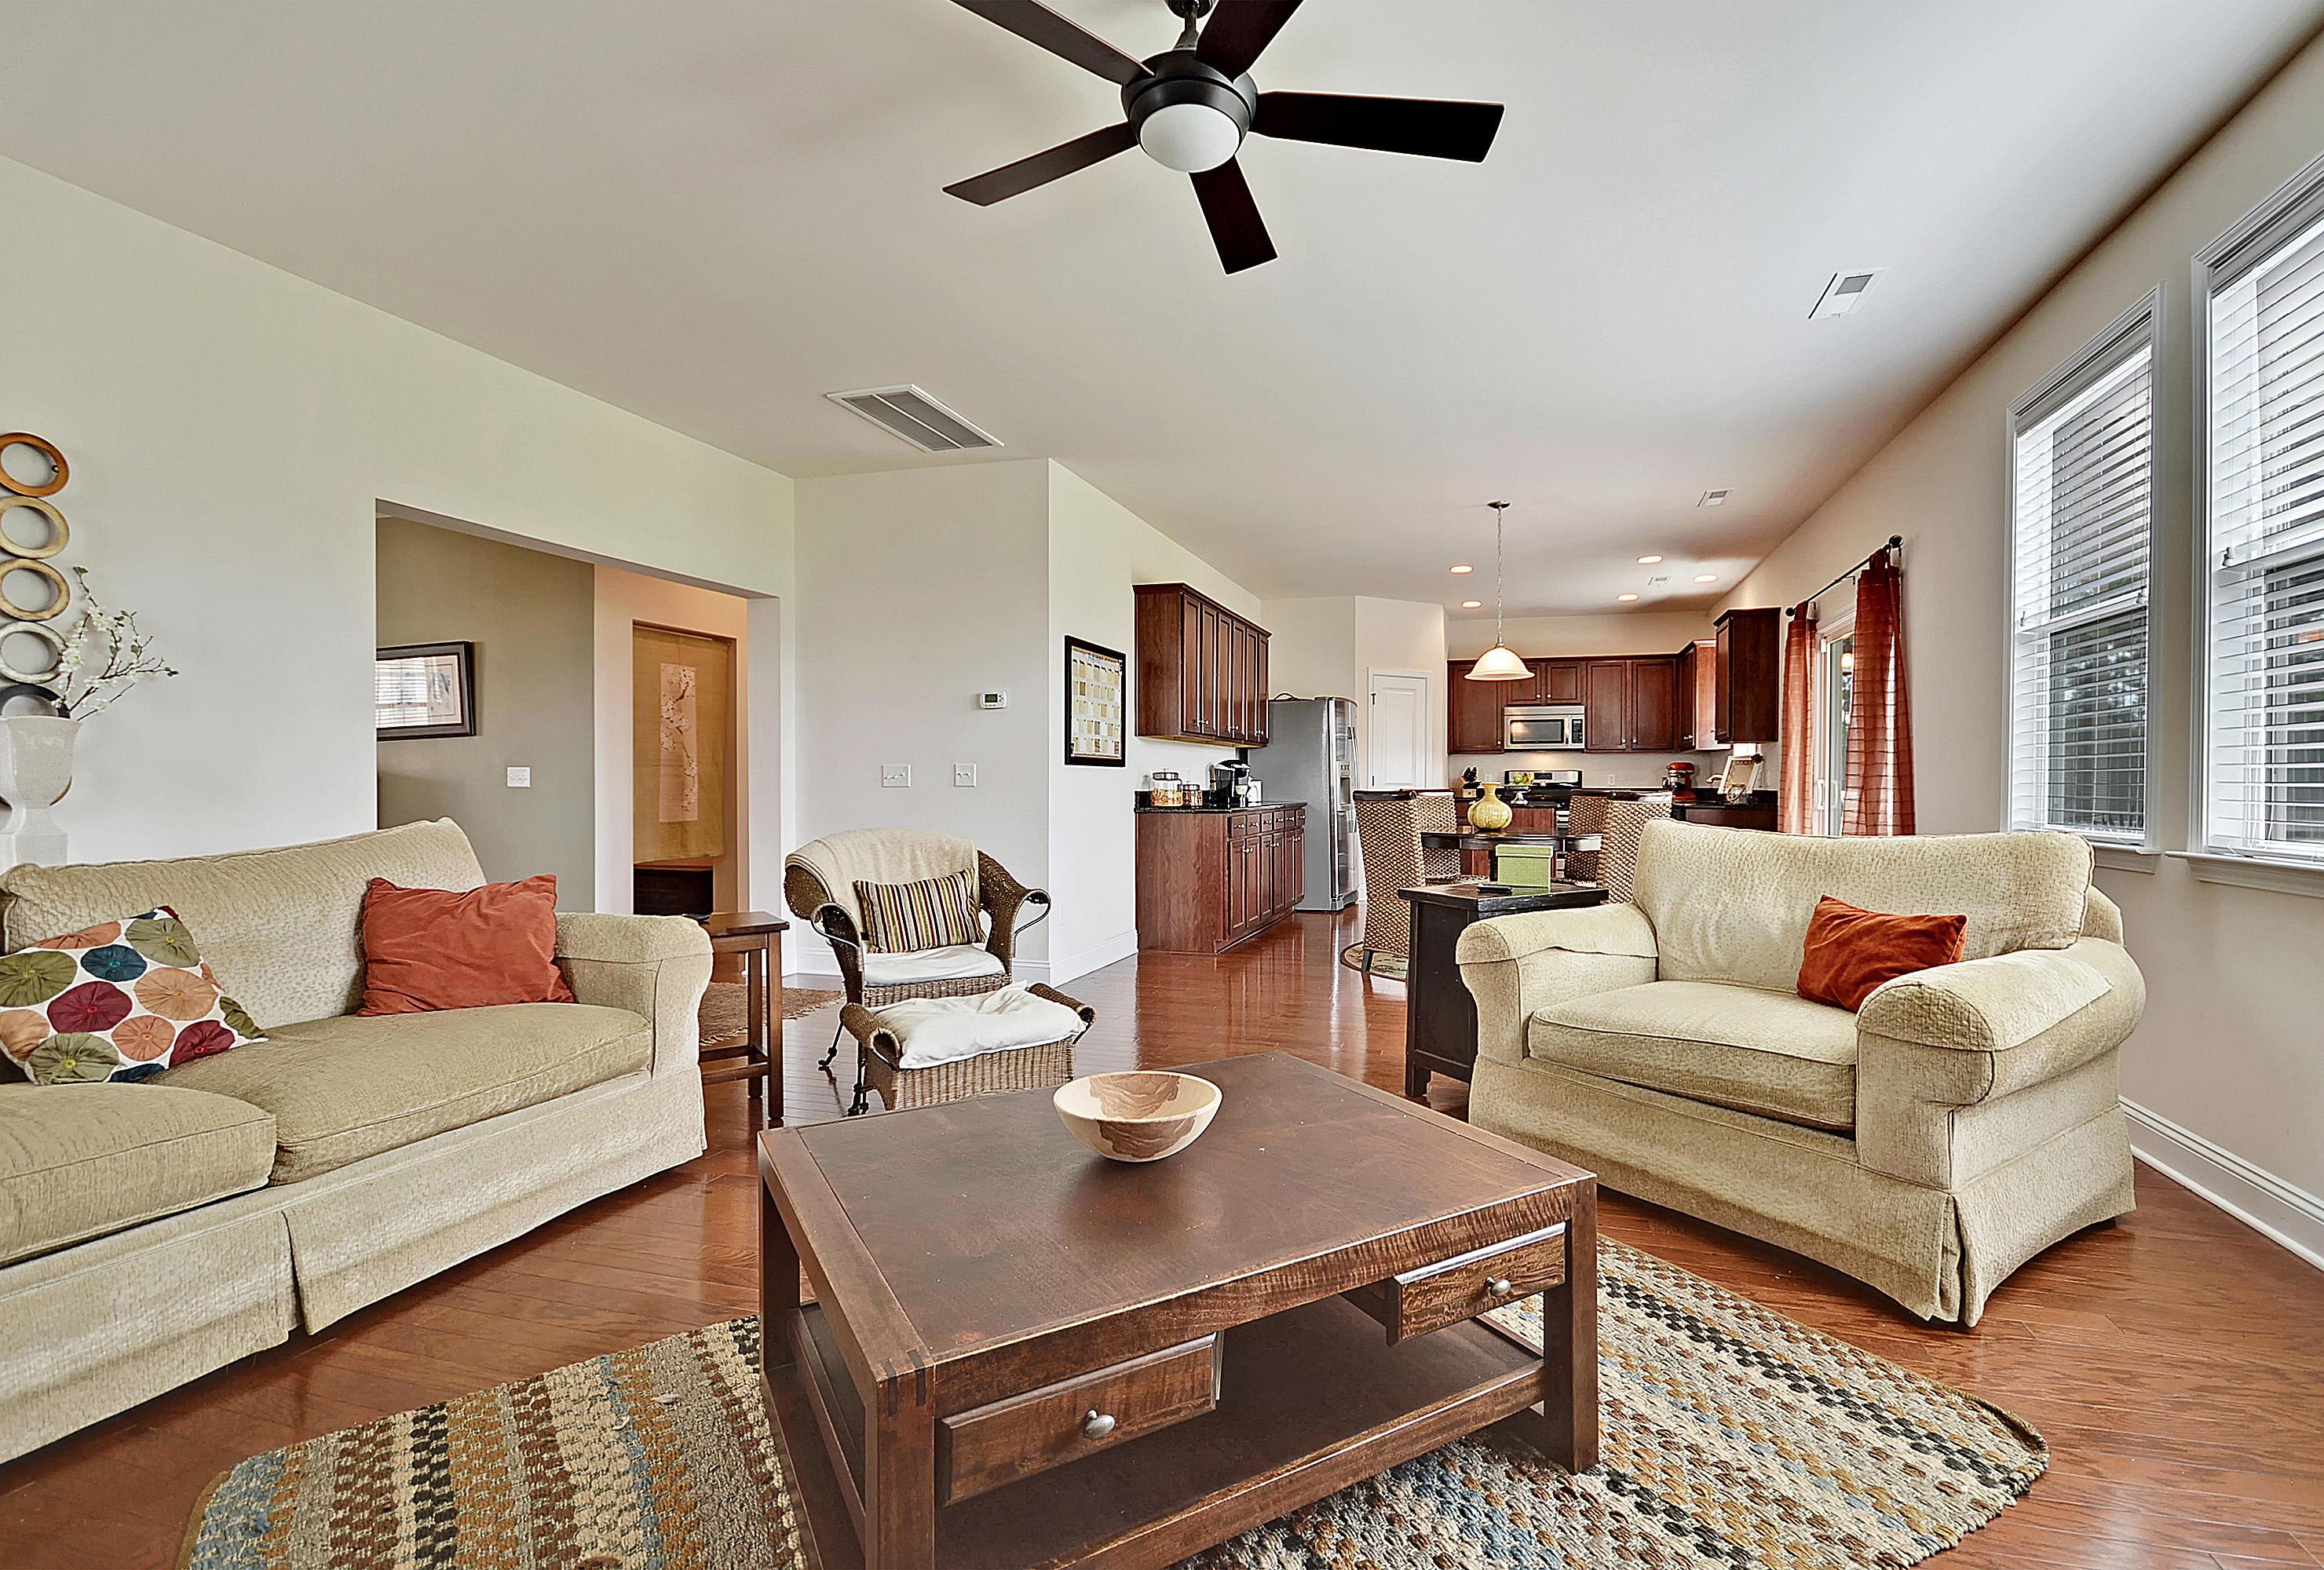 Cane Bay Plantation Homes For Sale - 213 Decatur, Summerville, SC - 6